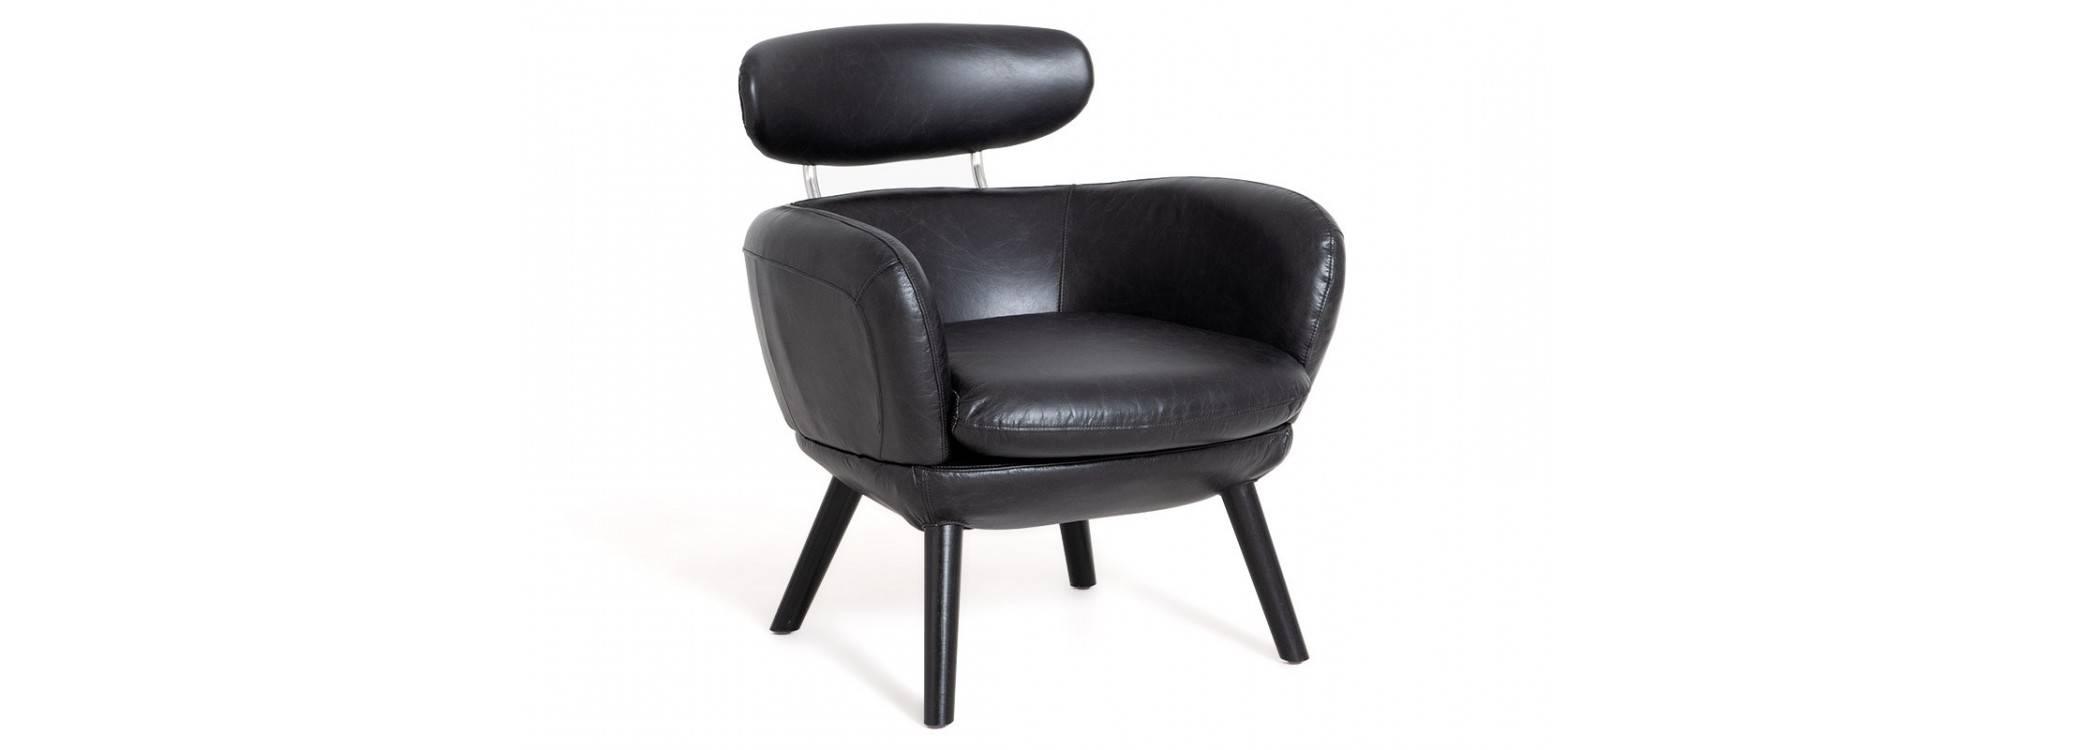 Fauteuil Rubis - cuir noir